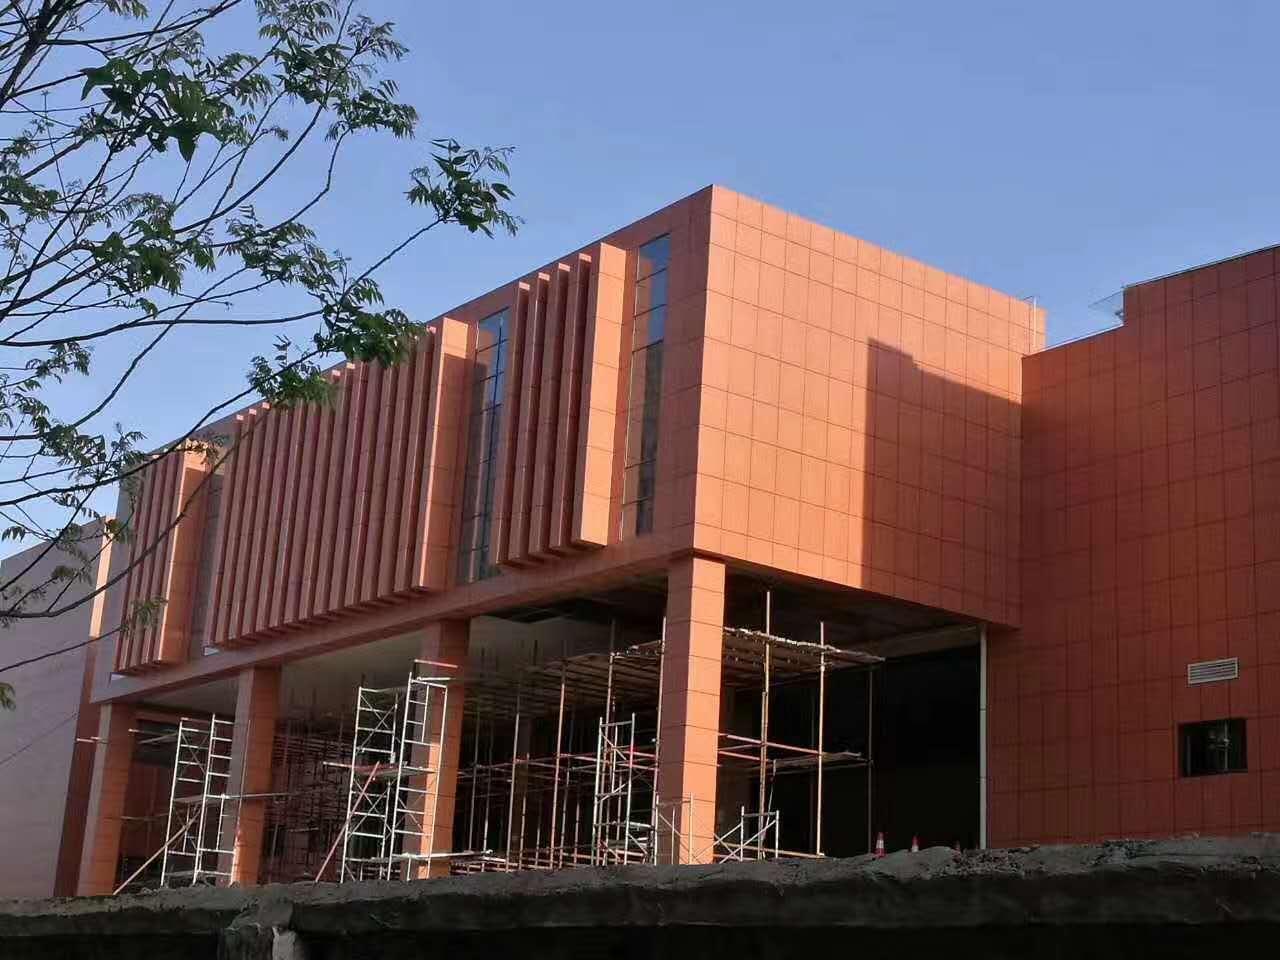 西北大学图书馆陶瓷薄板施工案例